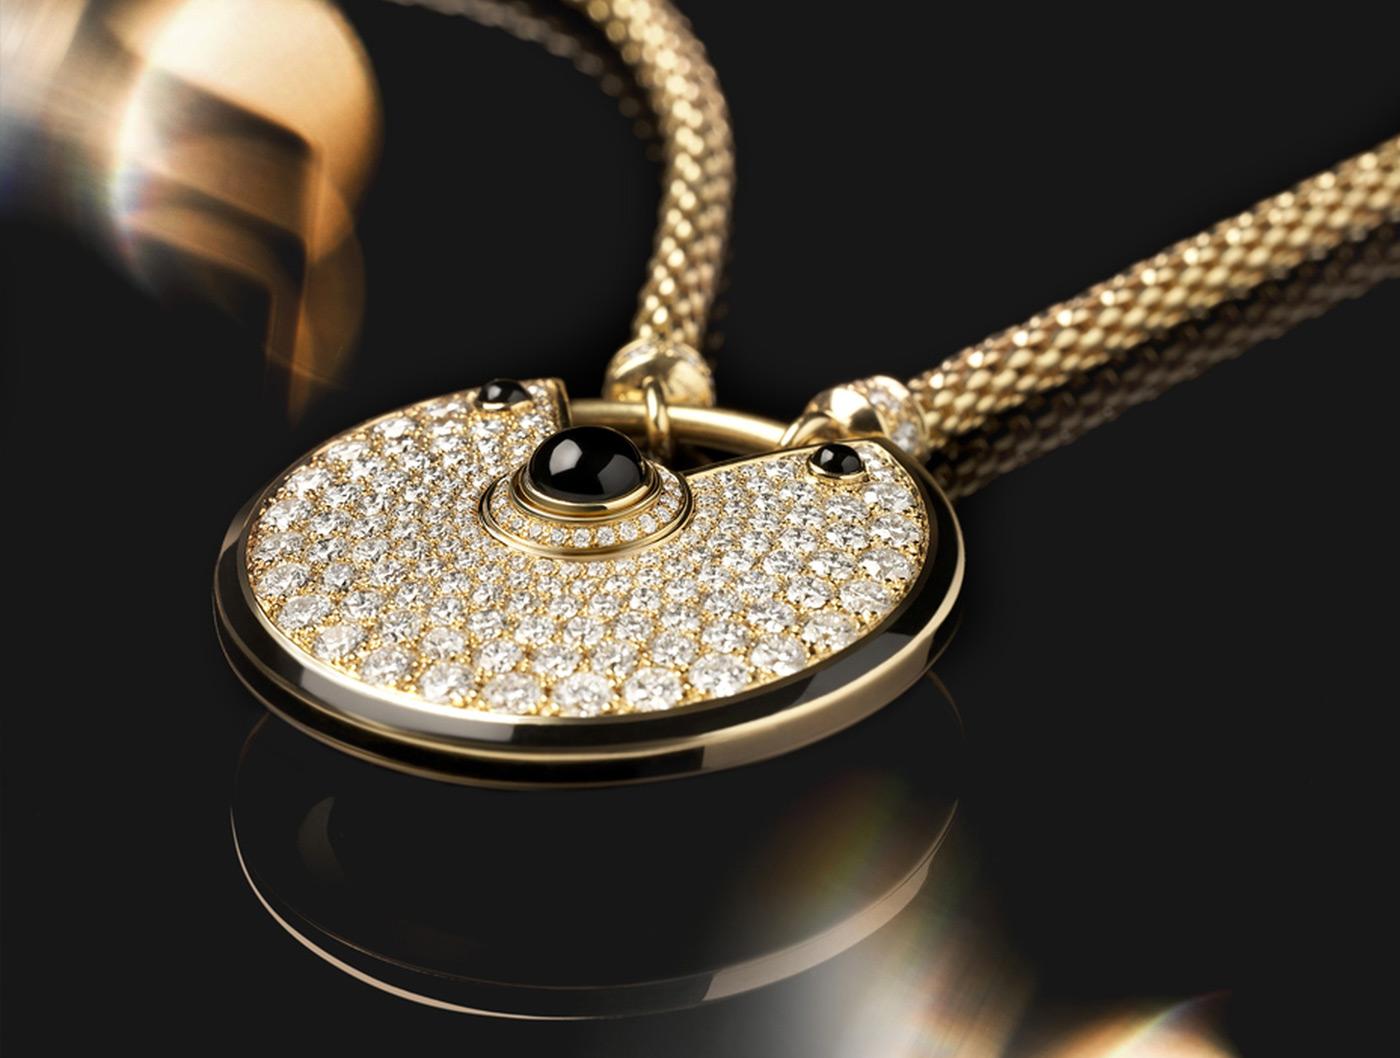 Amulette de Cartier Pendant, Medium Model Yellow&Black gold, diamonds, chain in yellow gold alta gioielleria gioielli di lusso